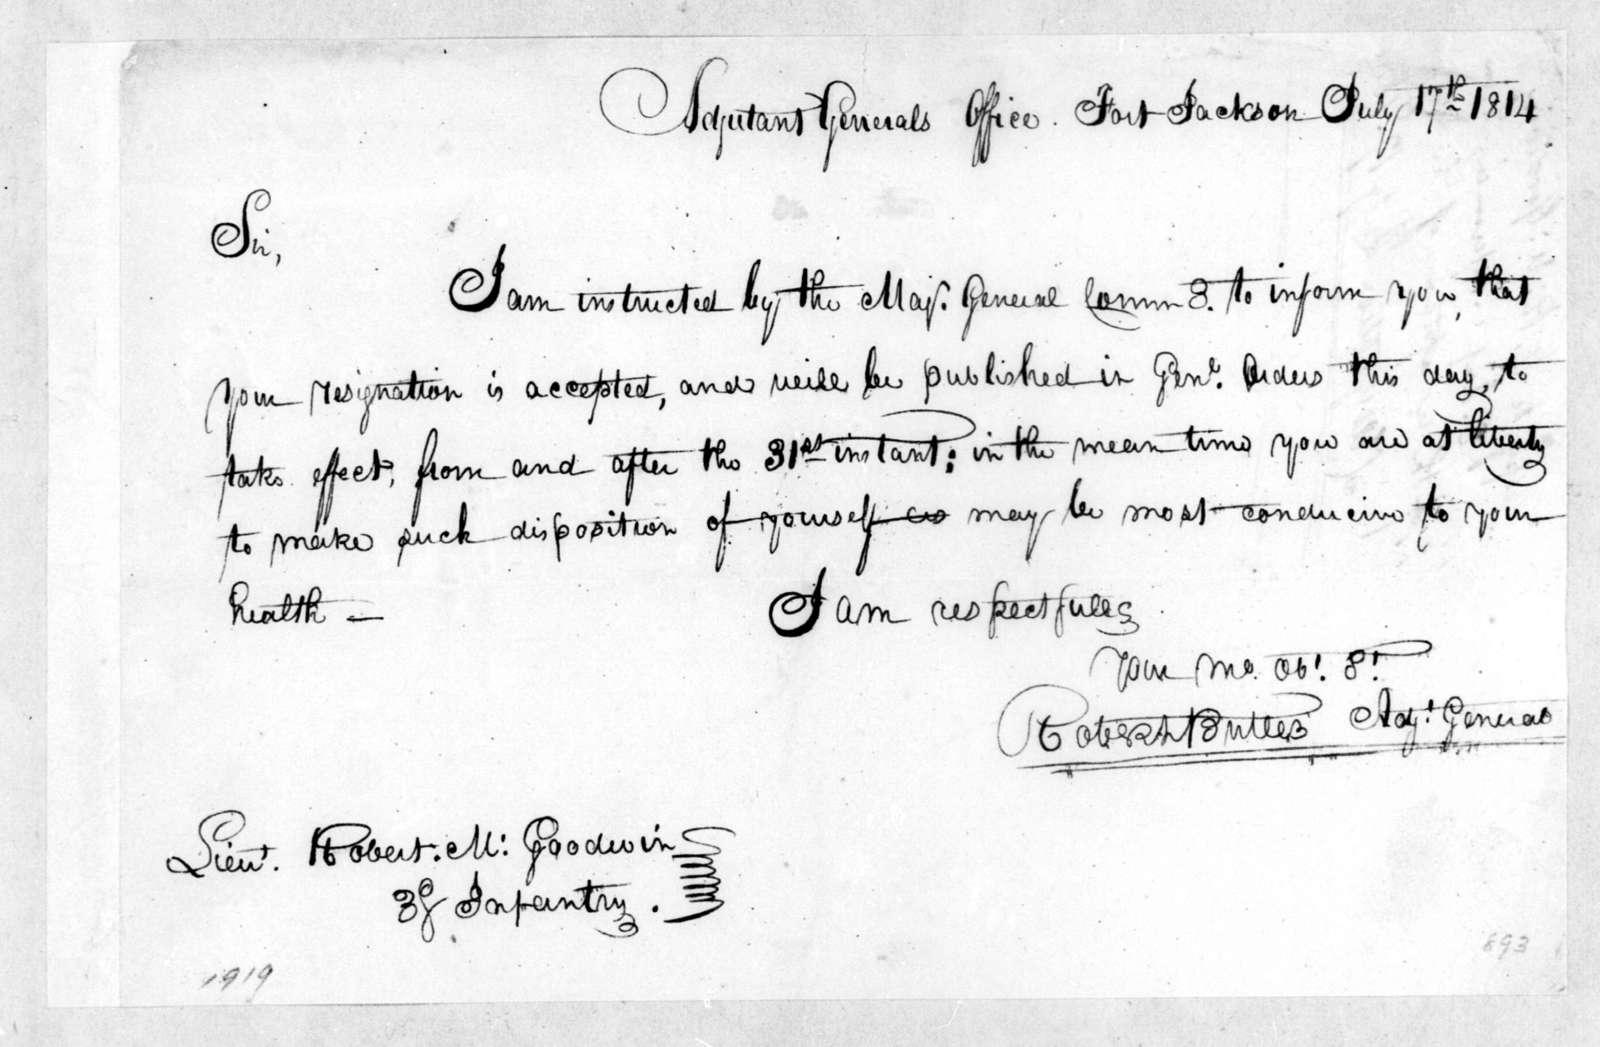 Robert Butler to Robert M. Goodwin, July 17, 1814